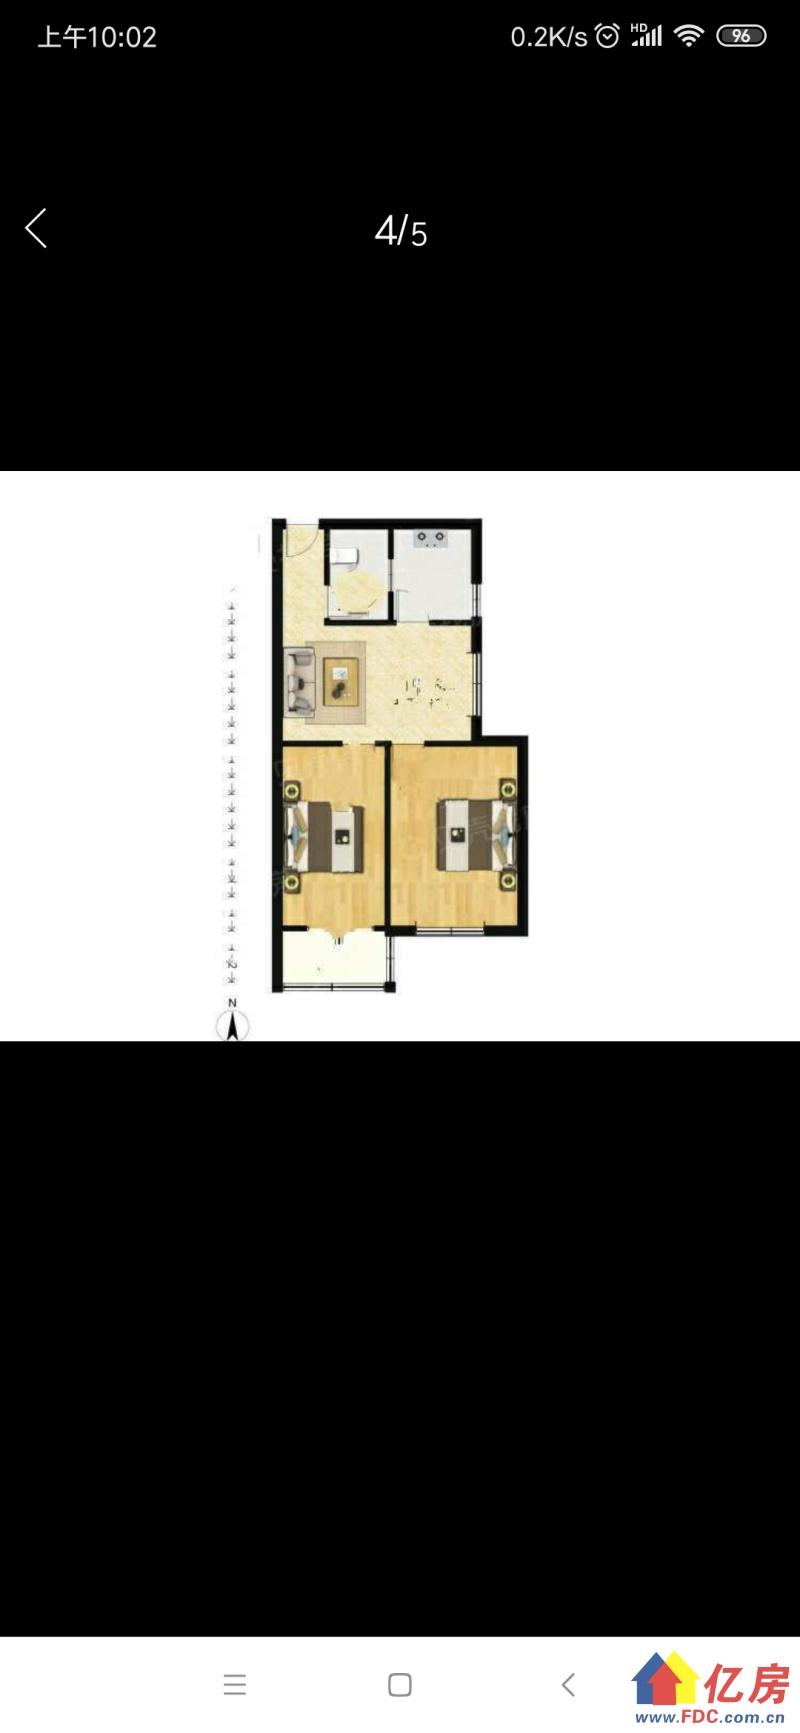 汉阳区 王家湾 江汉二桥街知音西苑社区 2室1厅1卫 60.59㎡,武汉汉阳区王家湾玫瑰街二手房2室 - 亿房网